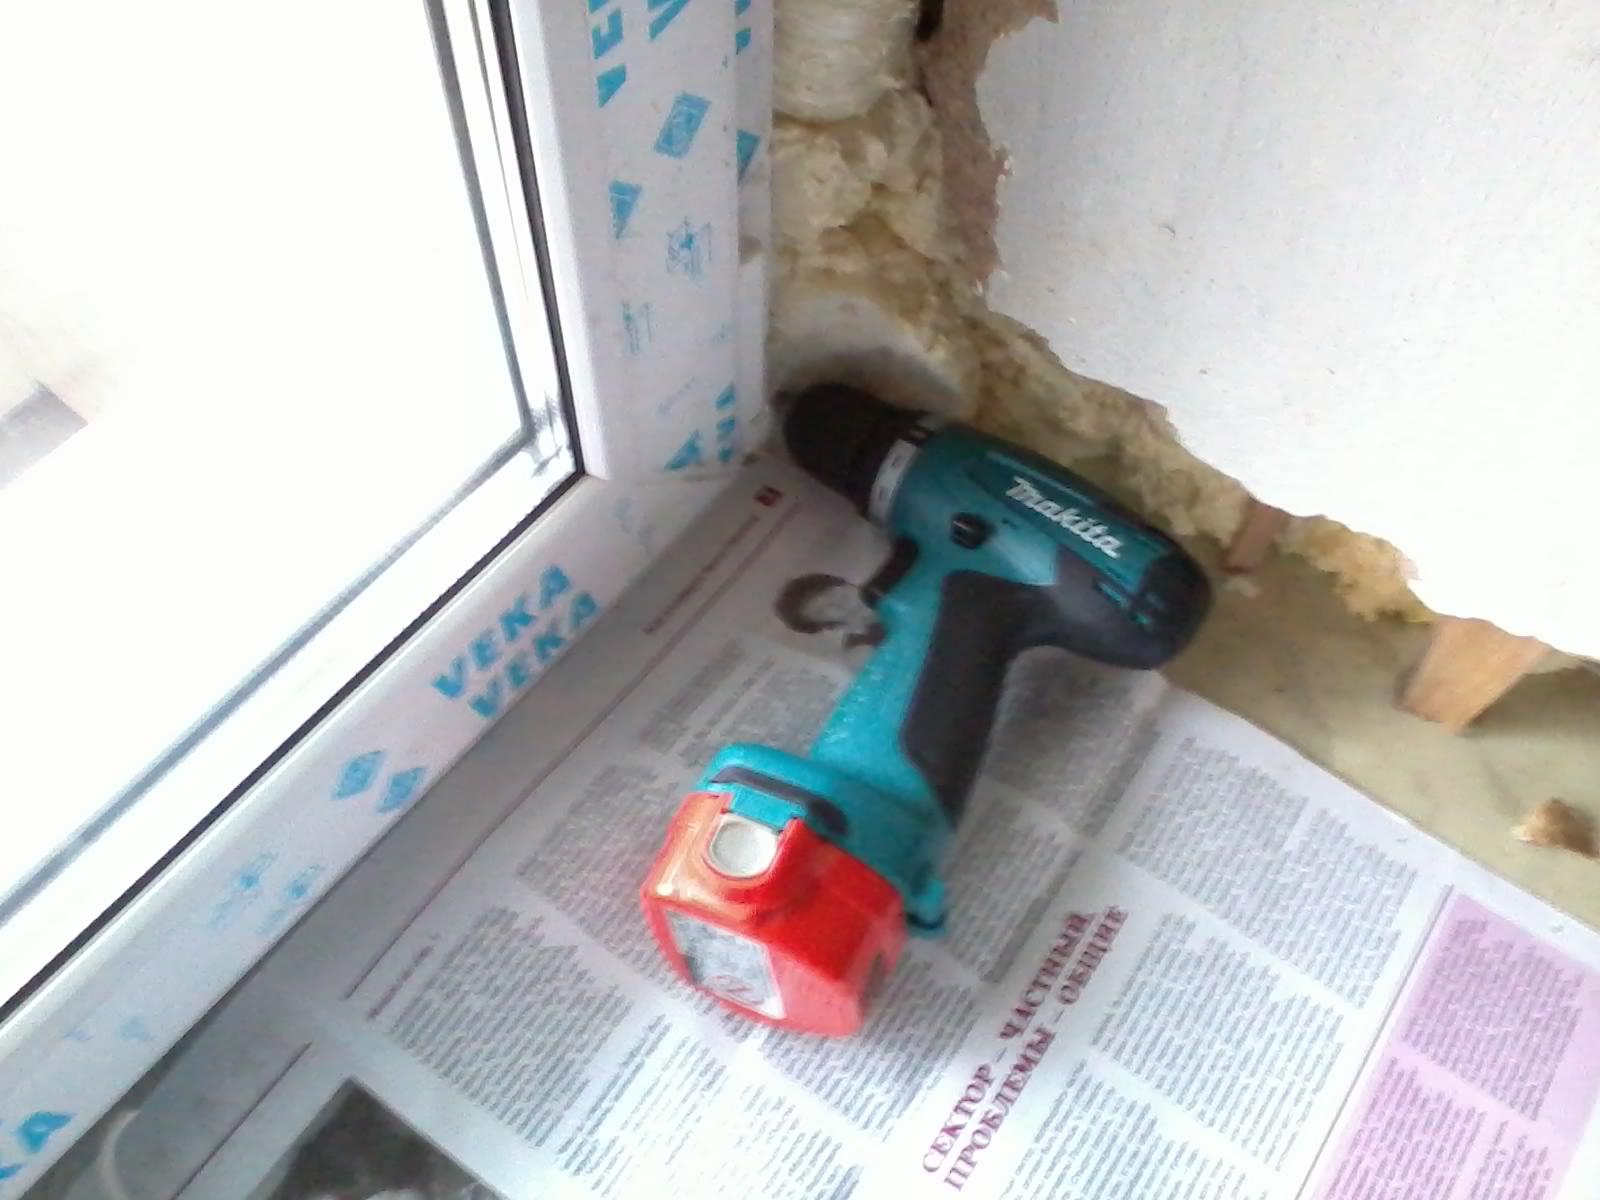 Как провести электричество на балконе получение ТУ от энергетической компании в Полушкино